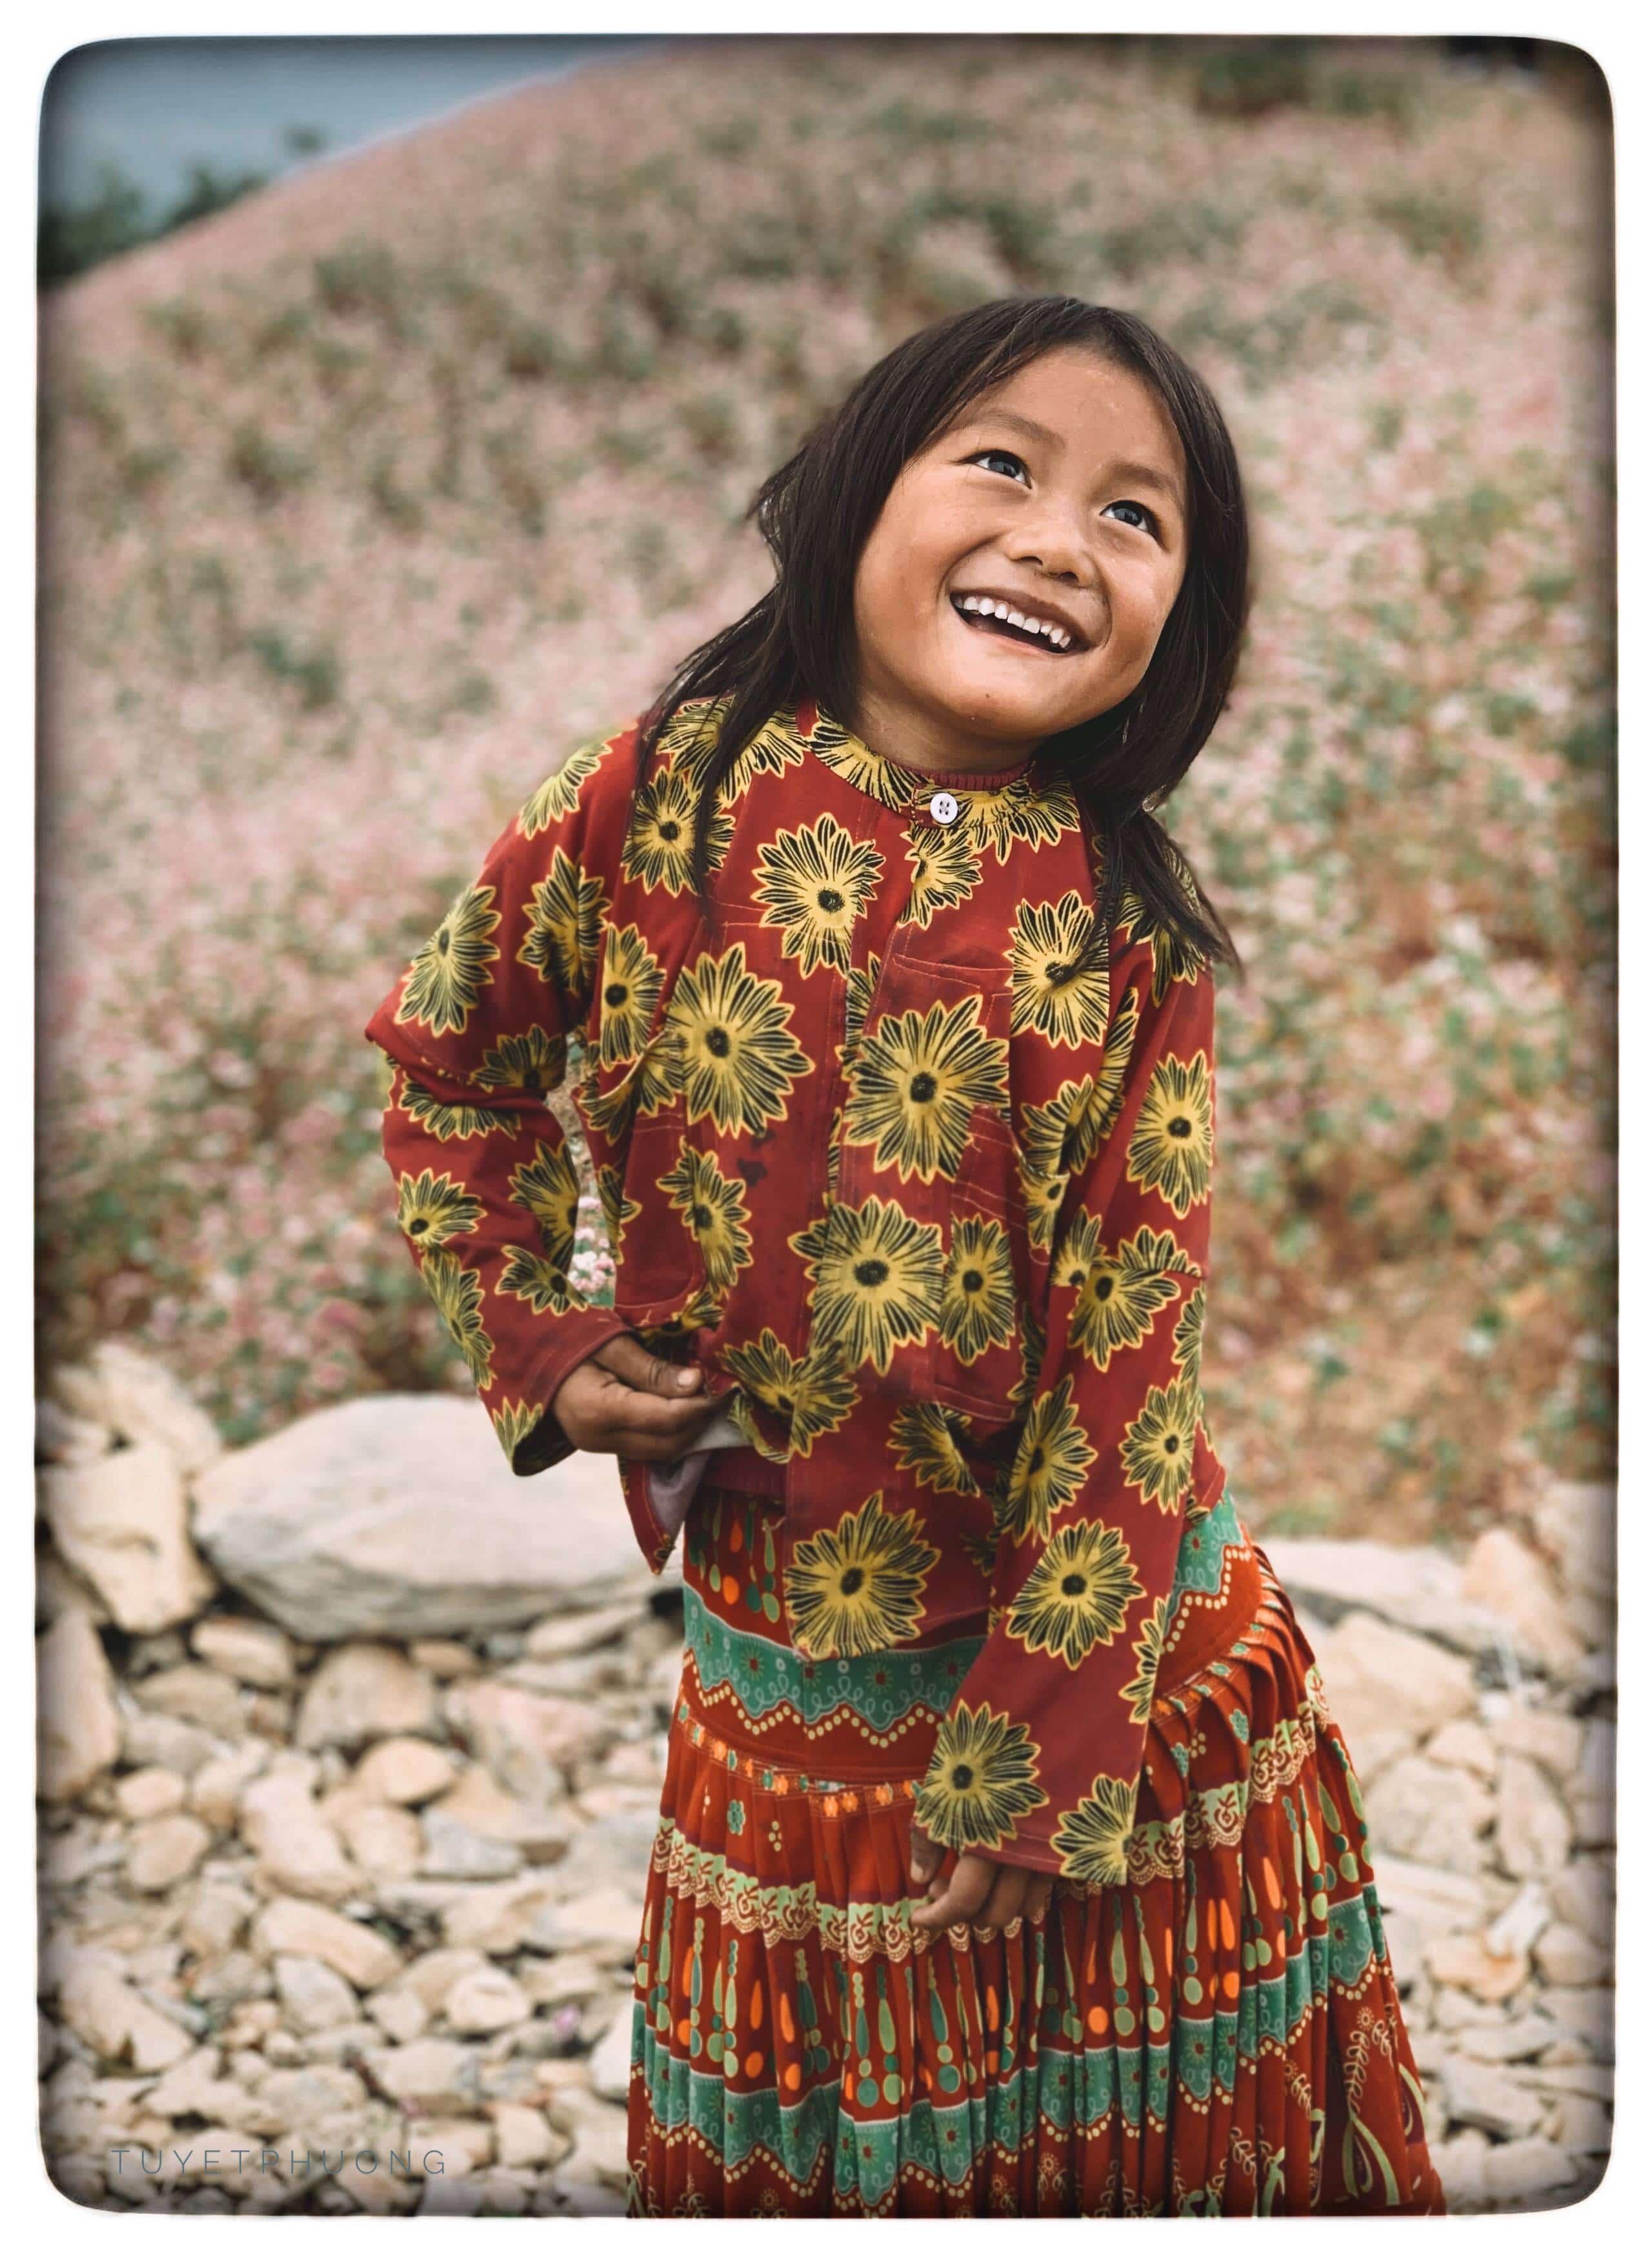 262 – Nụ cười rẻo cao – Lê Thị Tuyết Phương